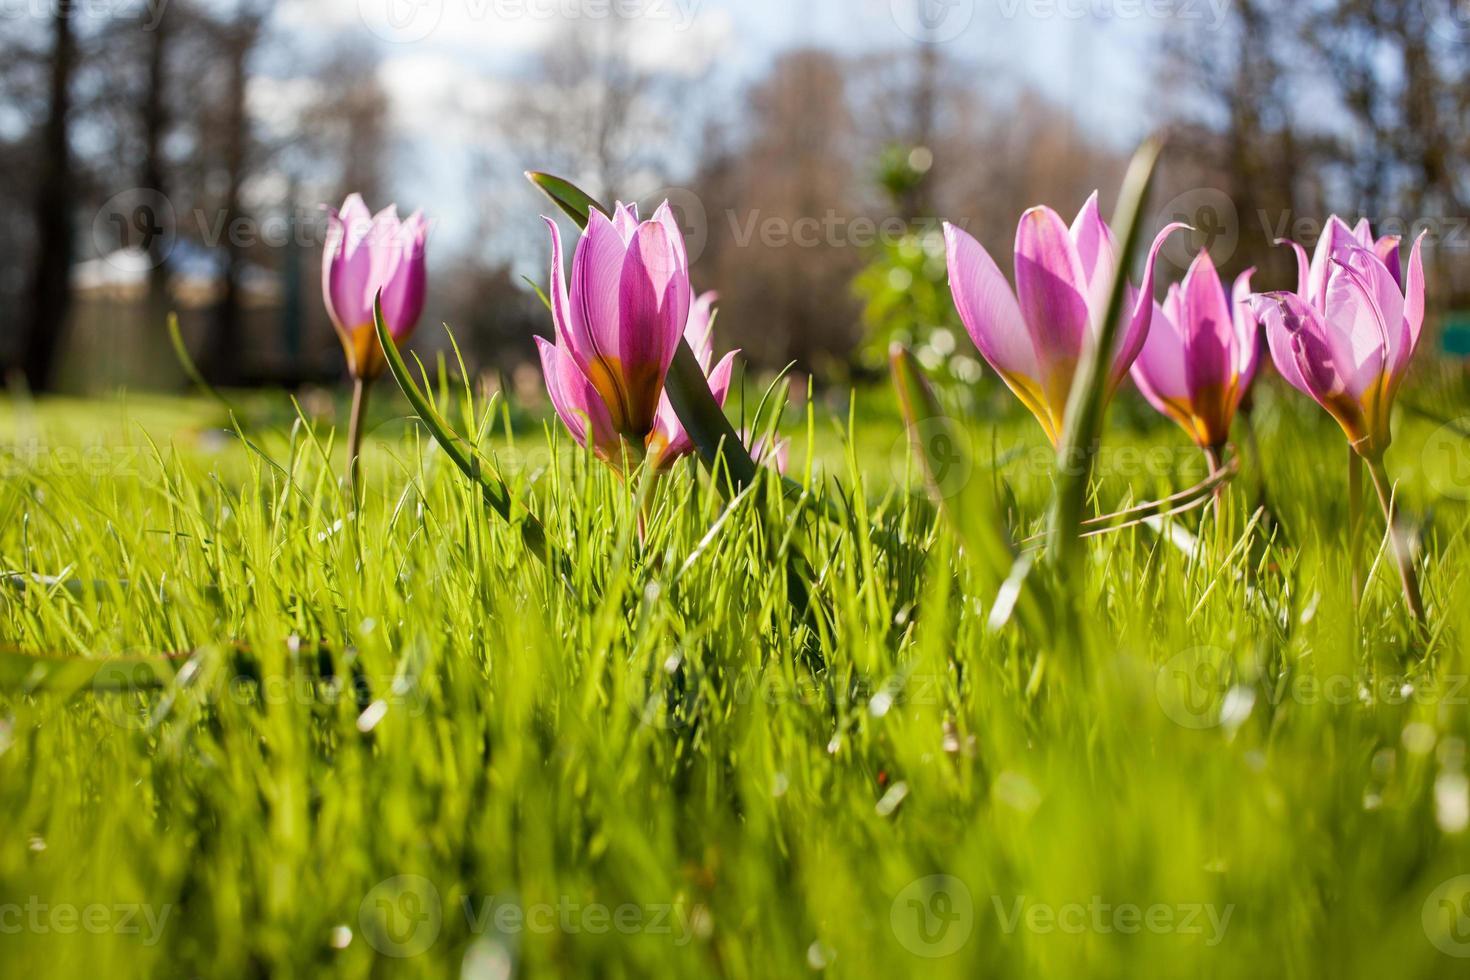 Flores en el parque Keukenhof, Países Bajos, también conocido como el jardín foto